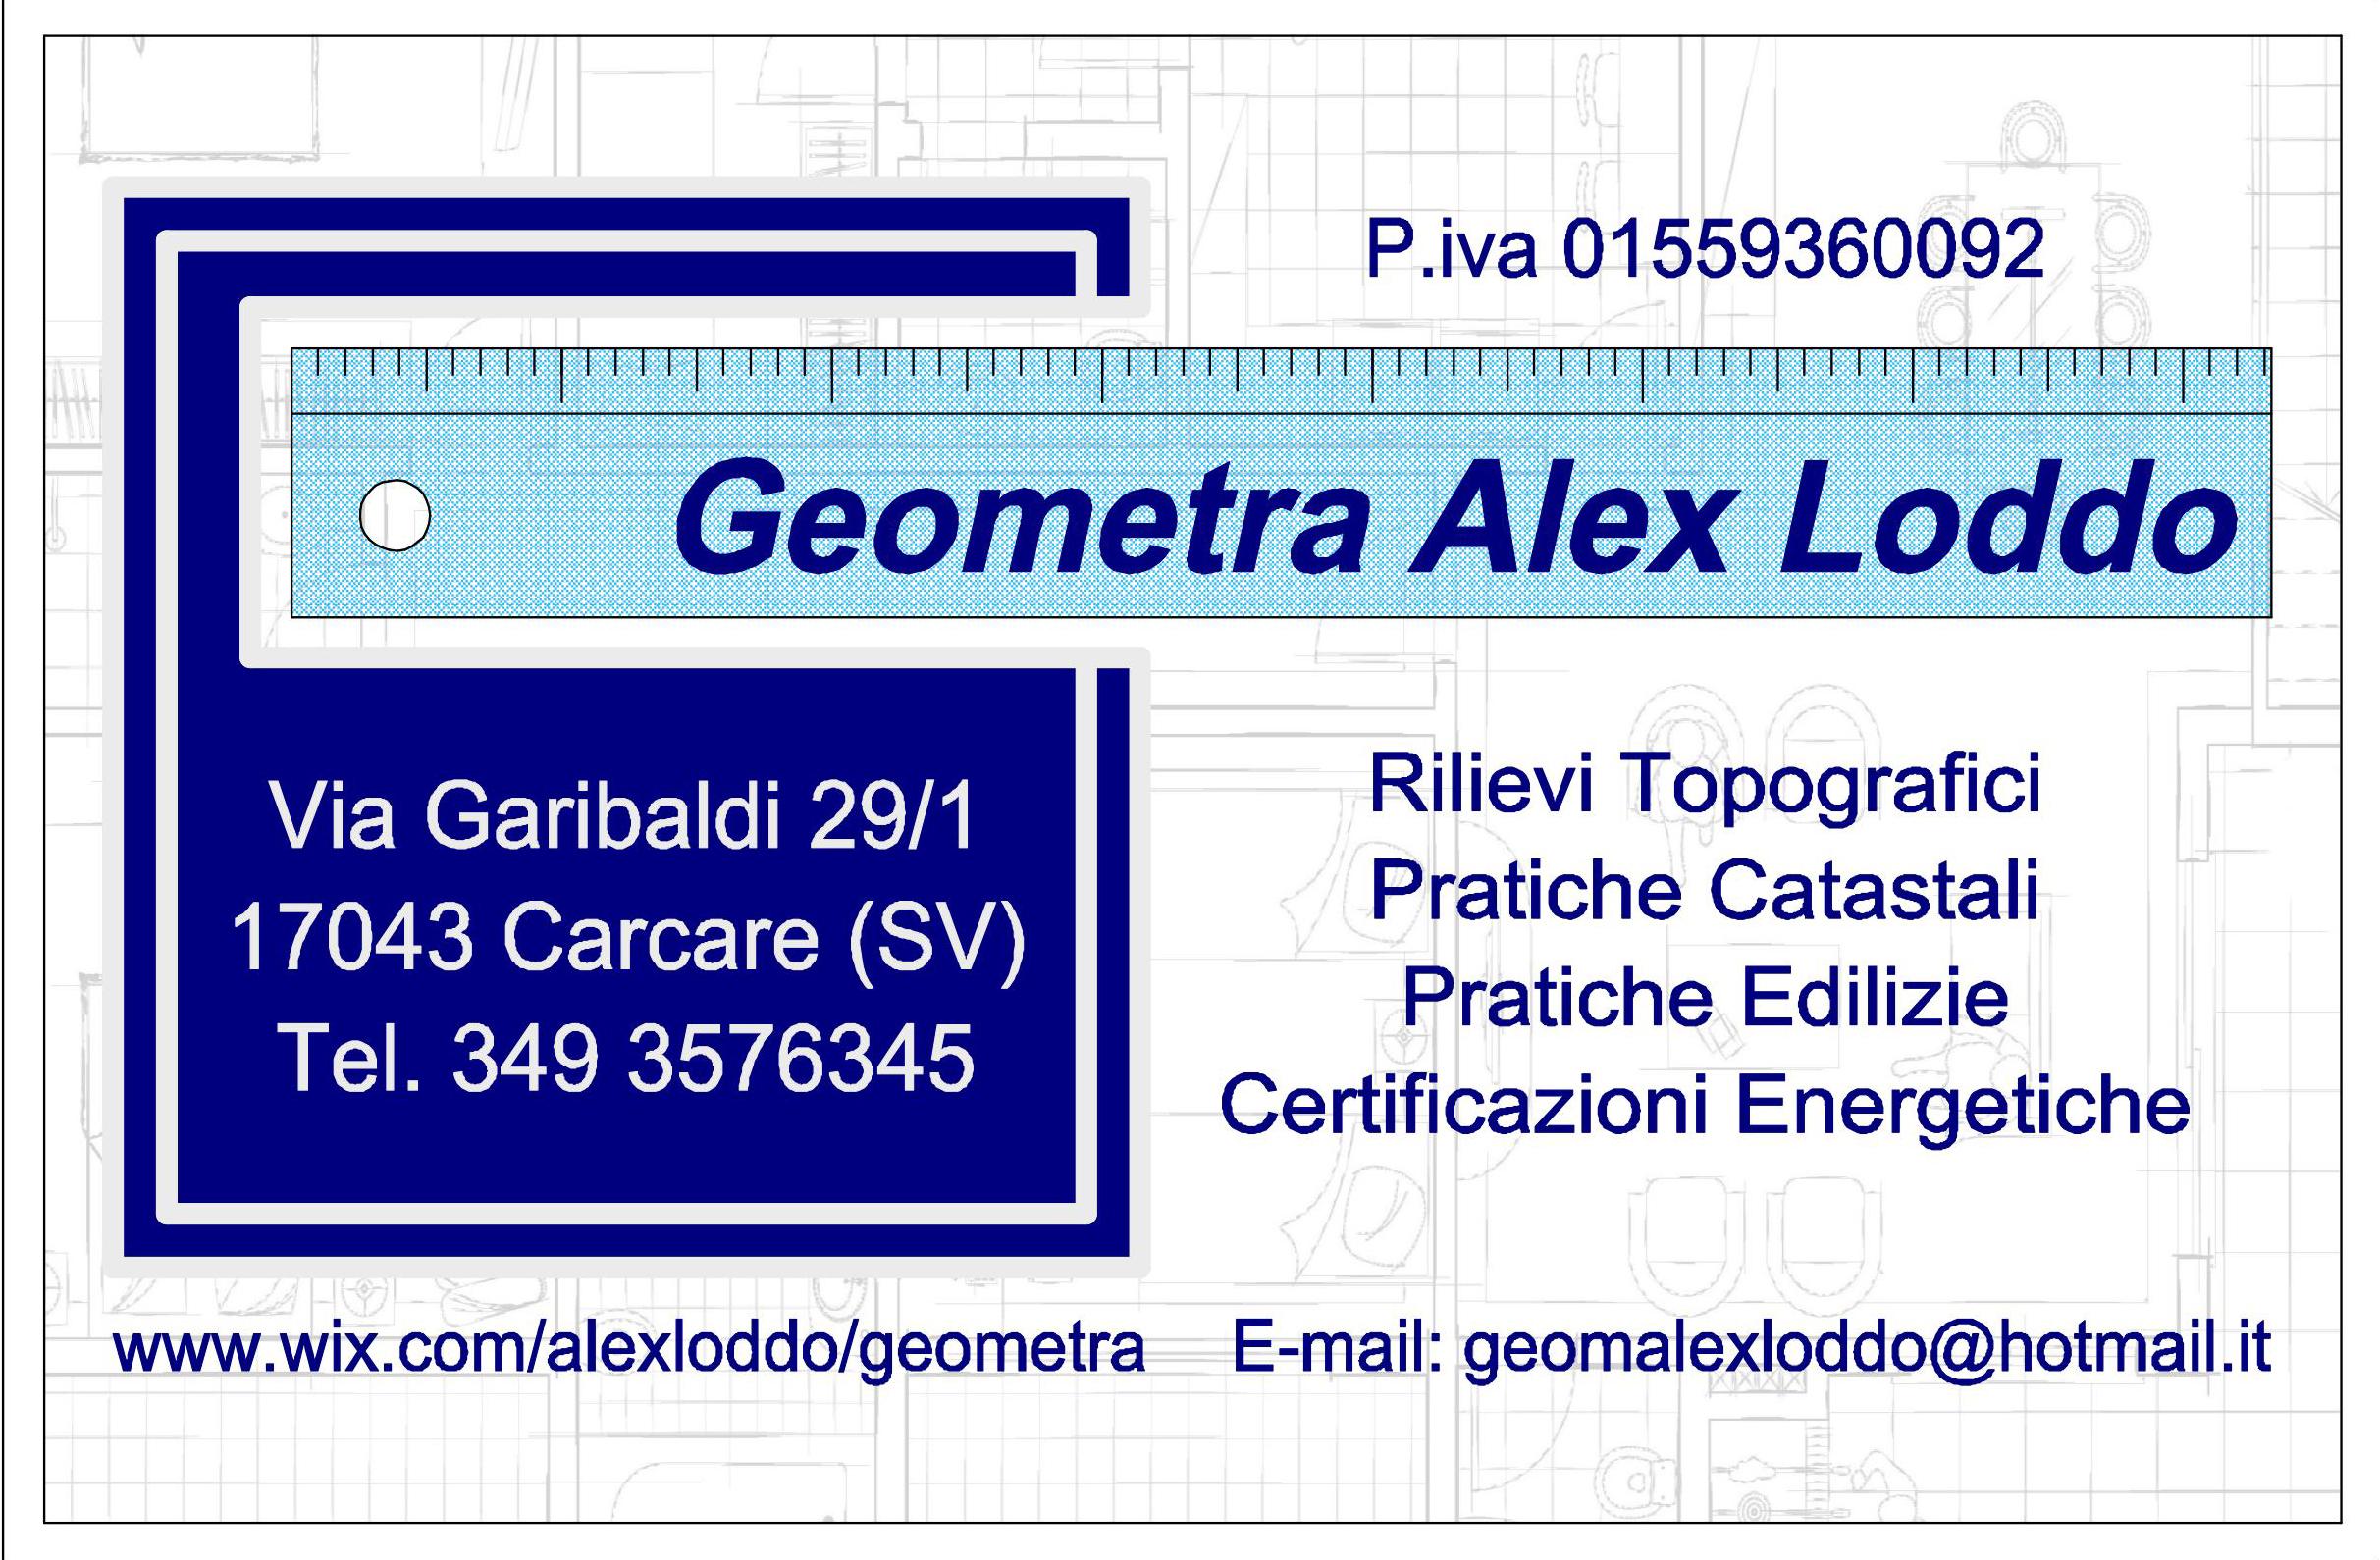 Geometra Alex Loddo